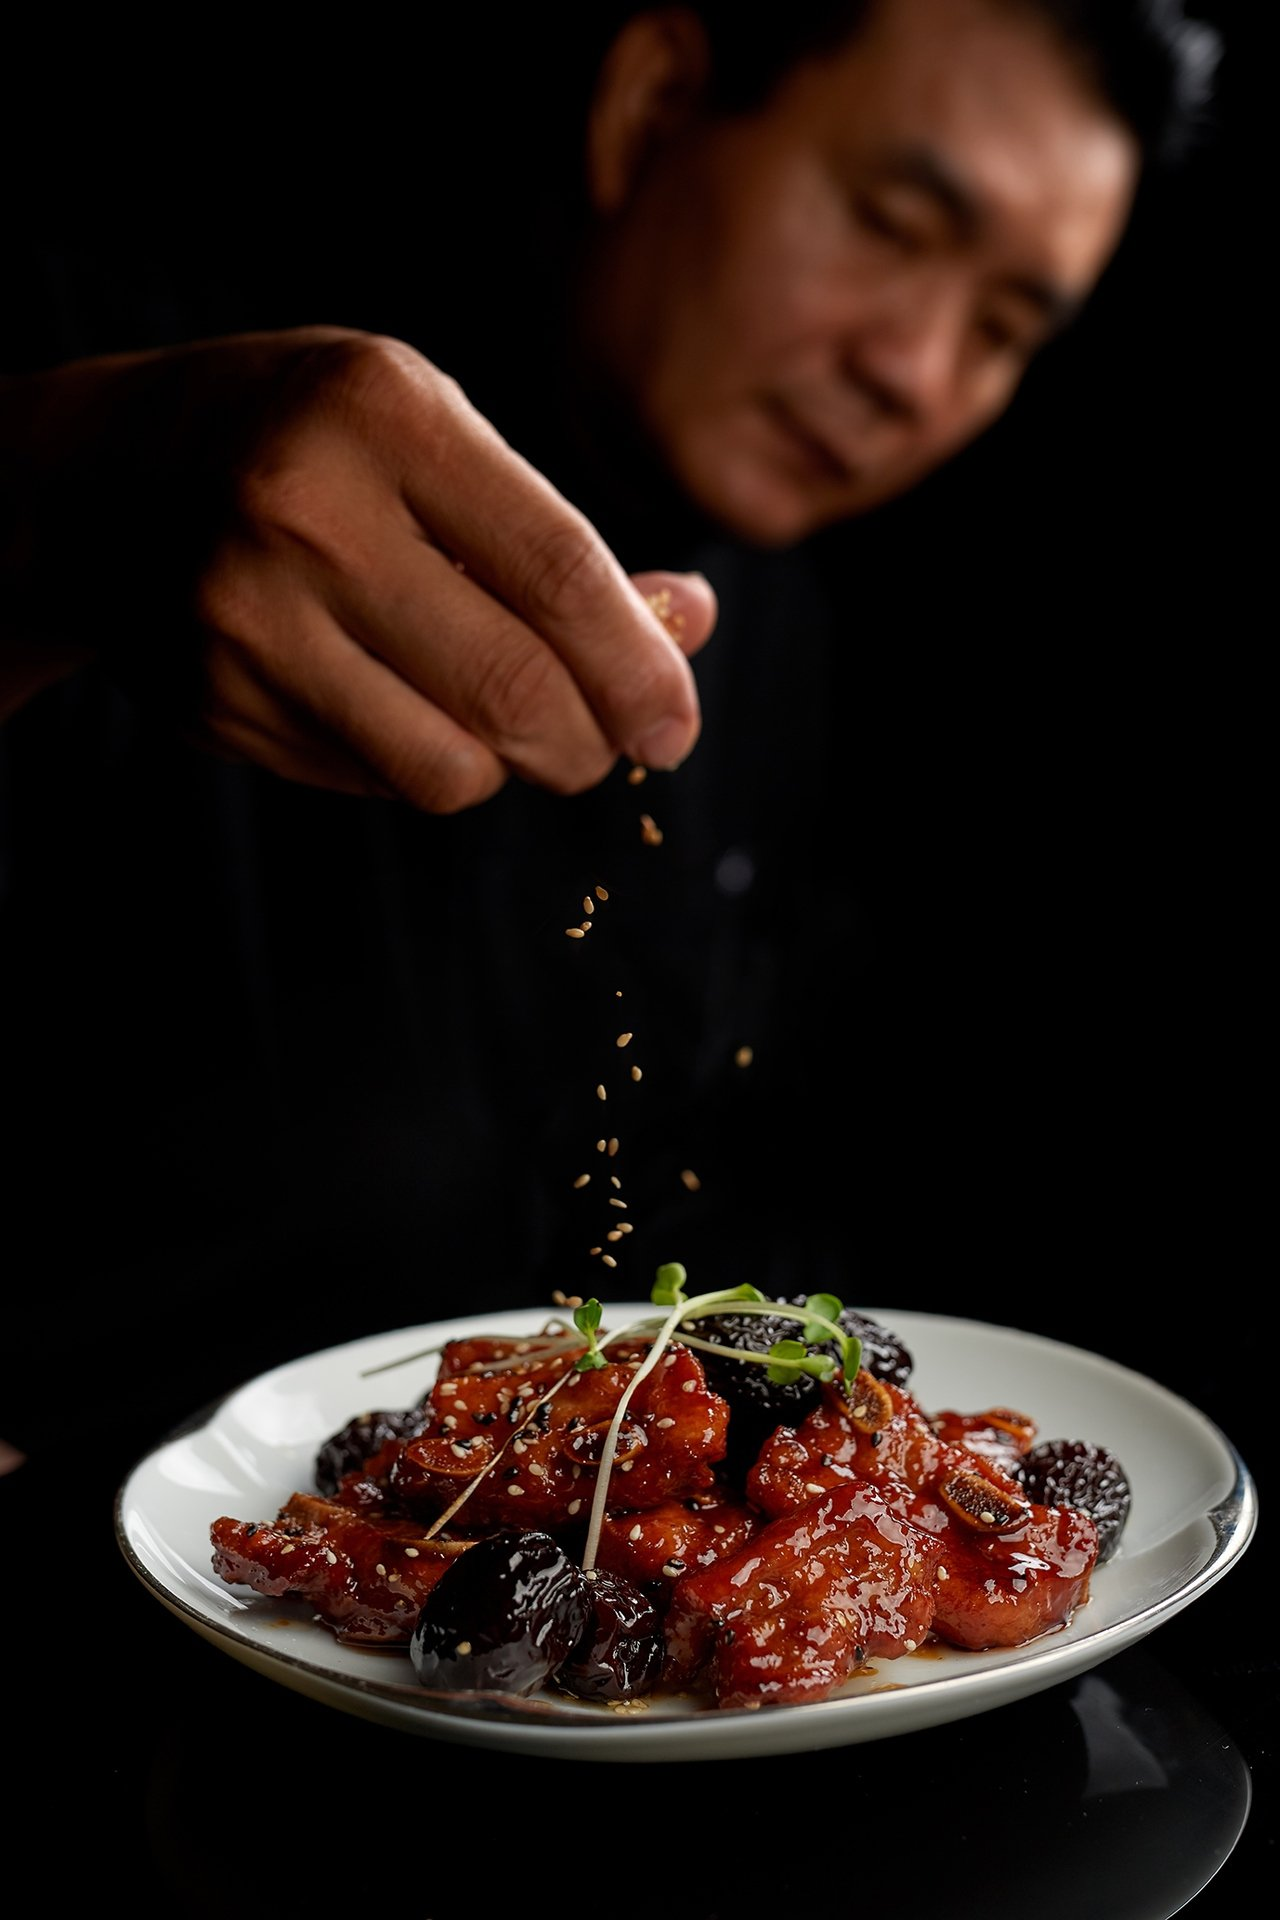 米香單點菜色「黑棗蜜汁豬肋排」。圖/台北美福提供